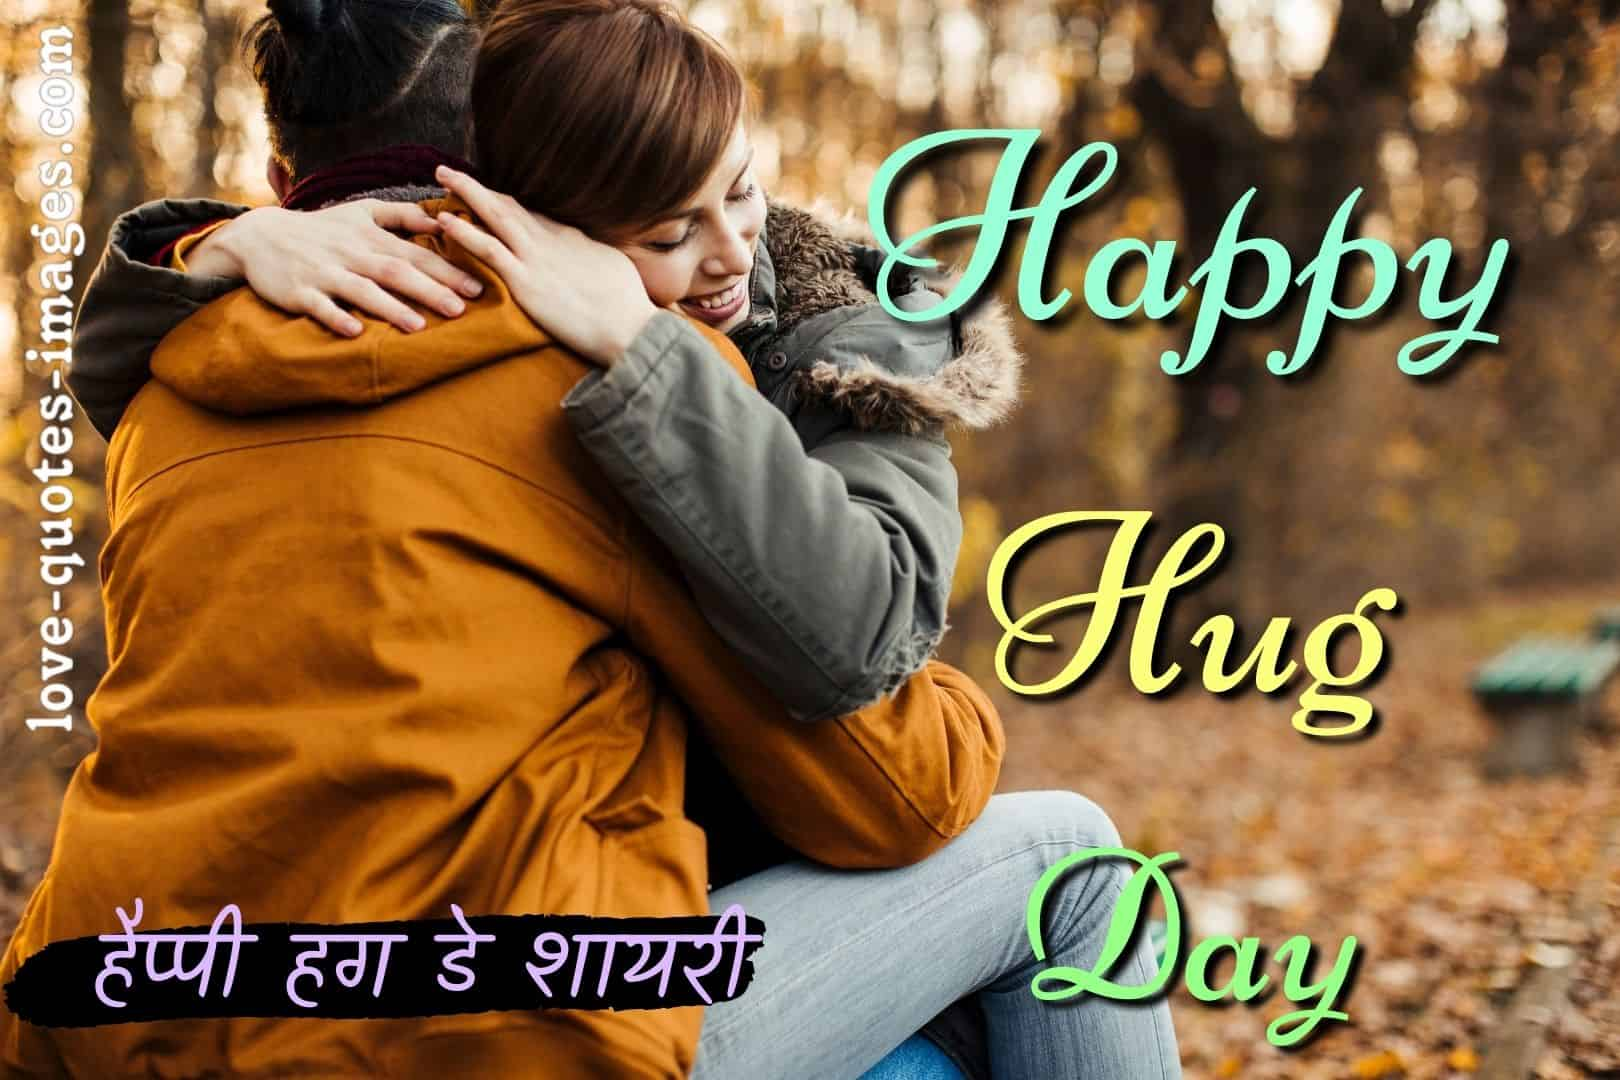 happy hug day status in hindi